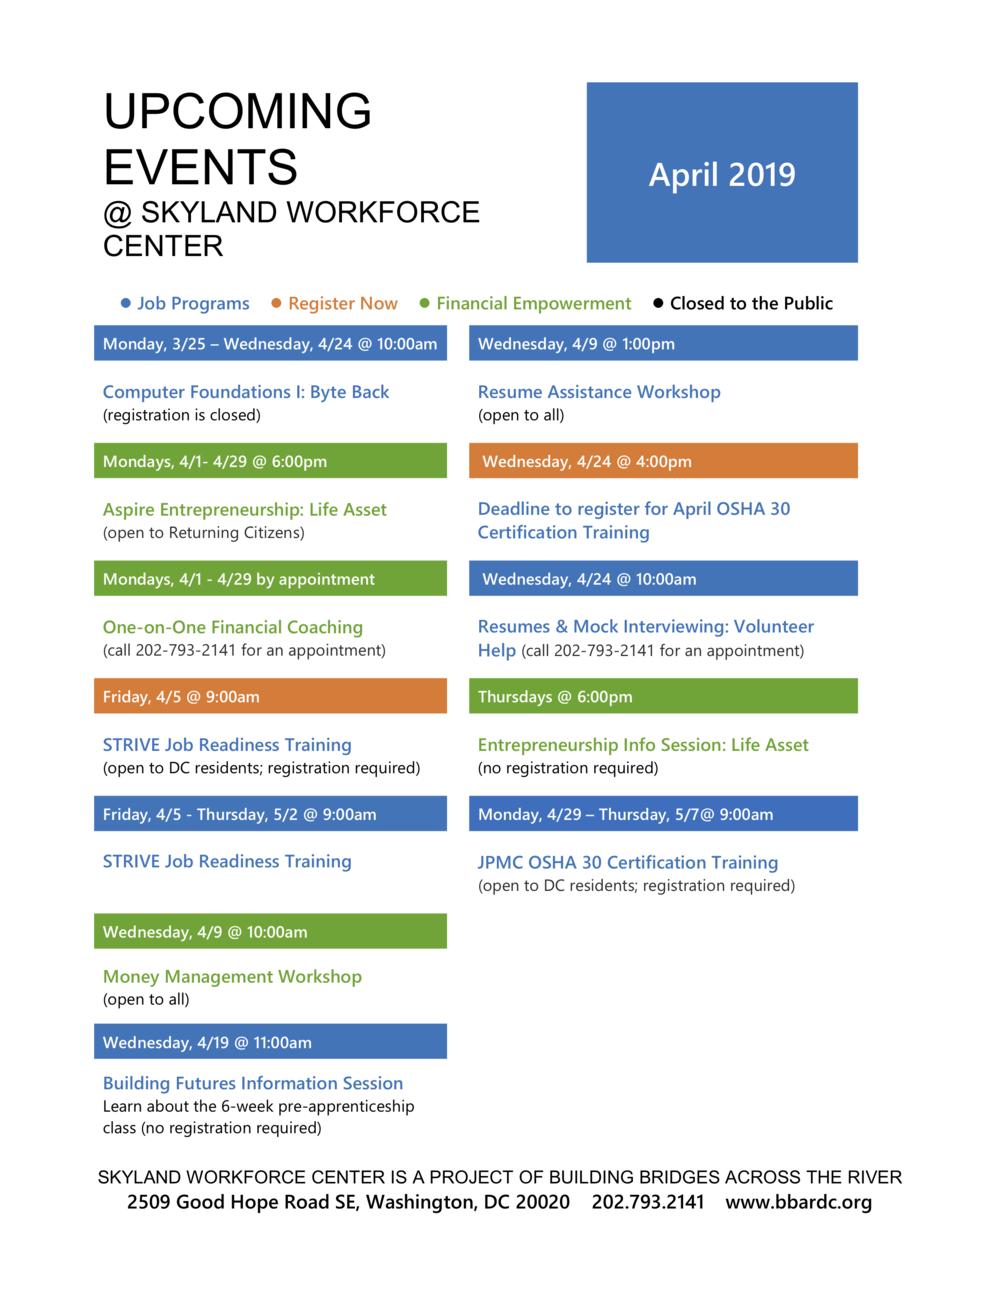 April 2019 Upcoming Events Calendar 04.2019.png